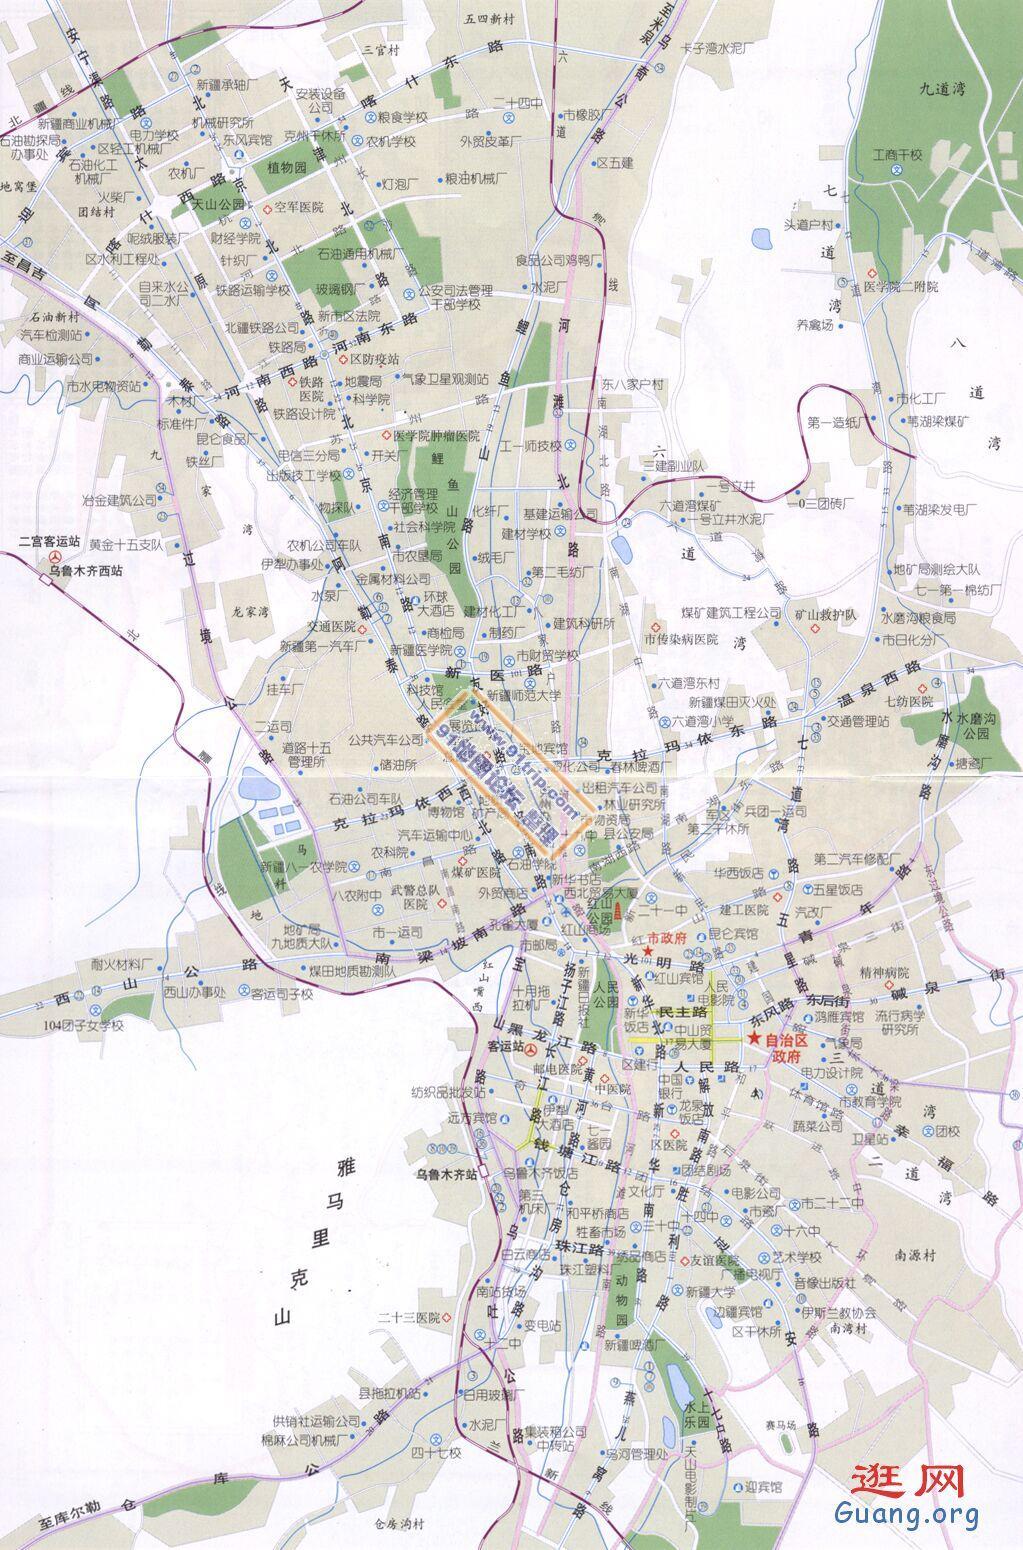 乌鲁木齐地图_乌鲁木齐地图查询